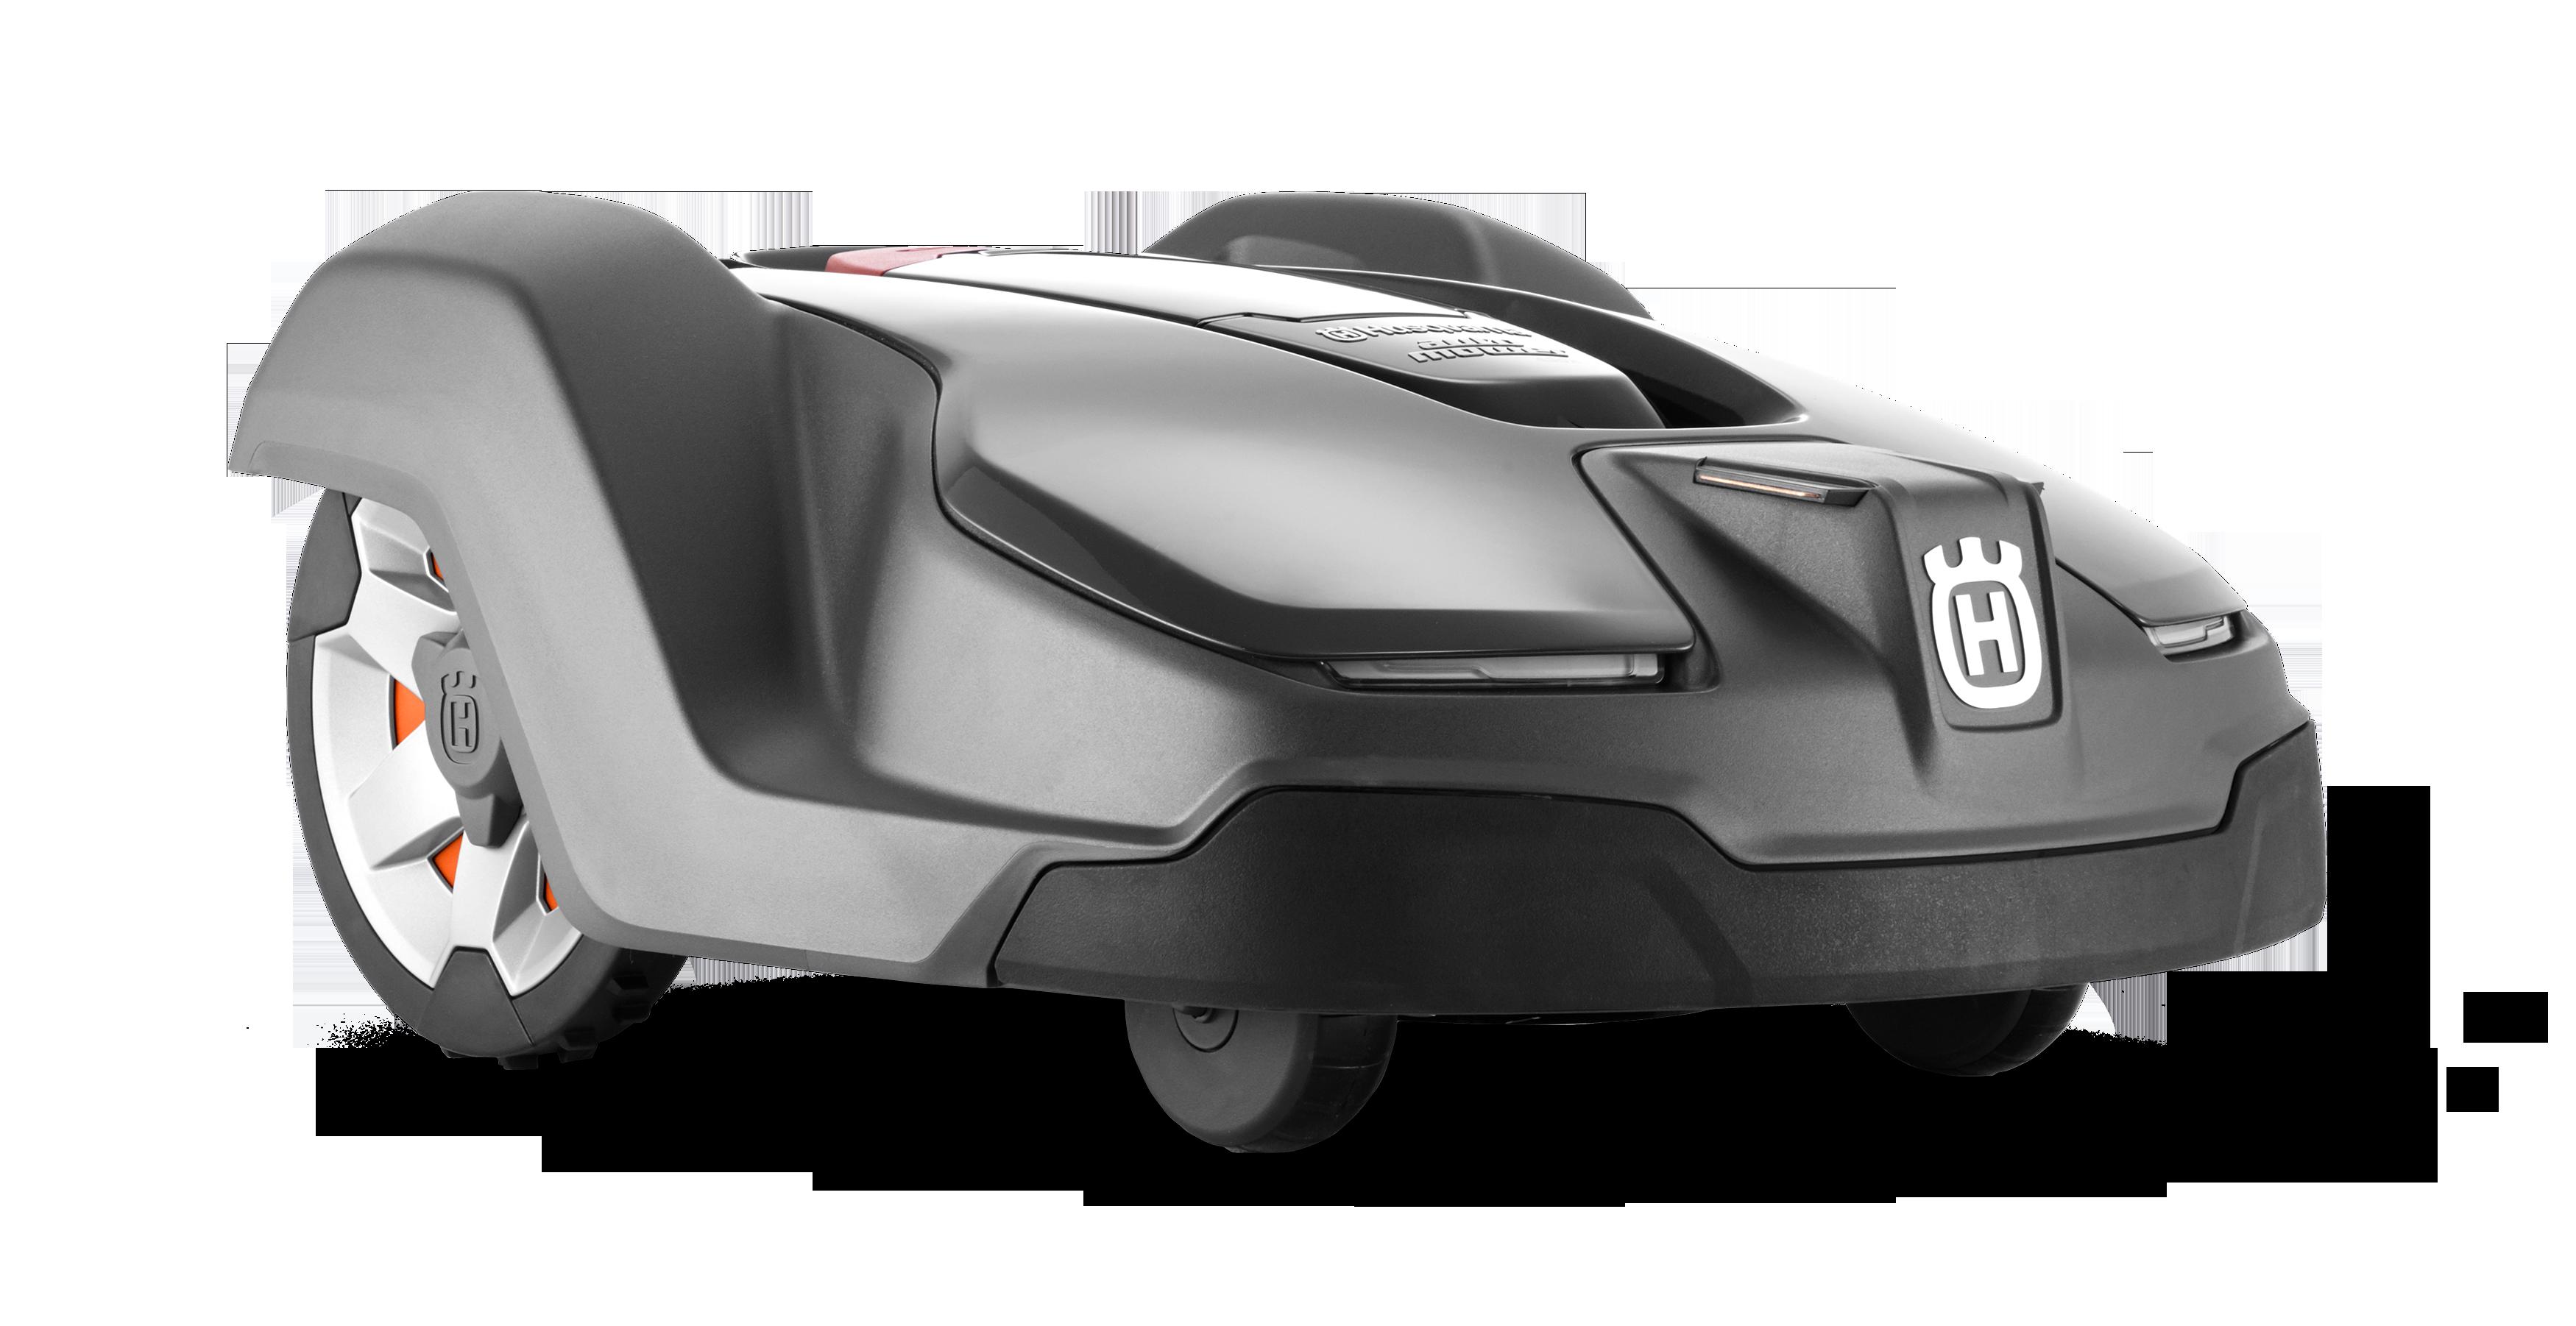 Melns Husqvarna zāles pļāvējs robots – Automower 430X modelis